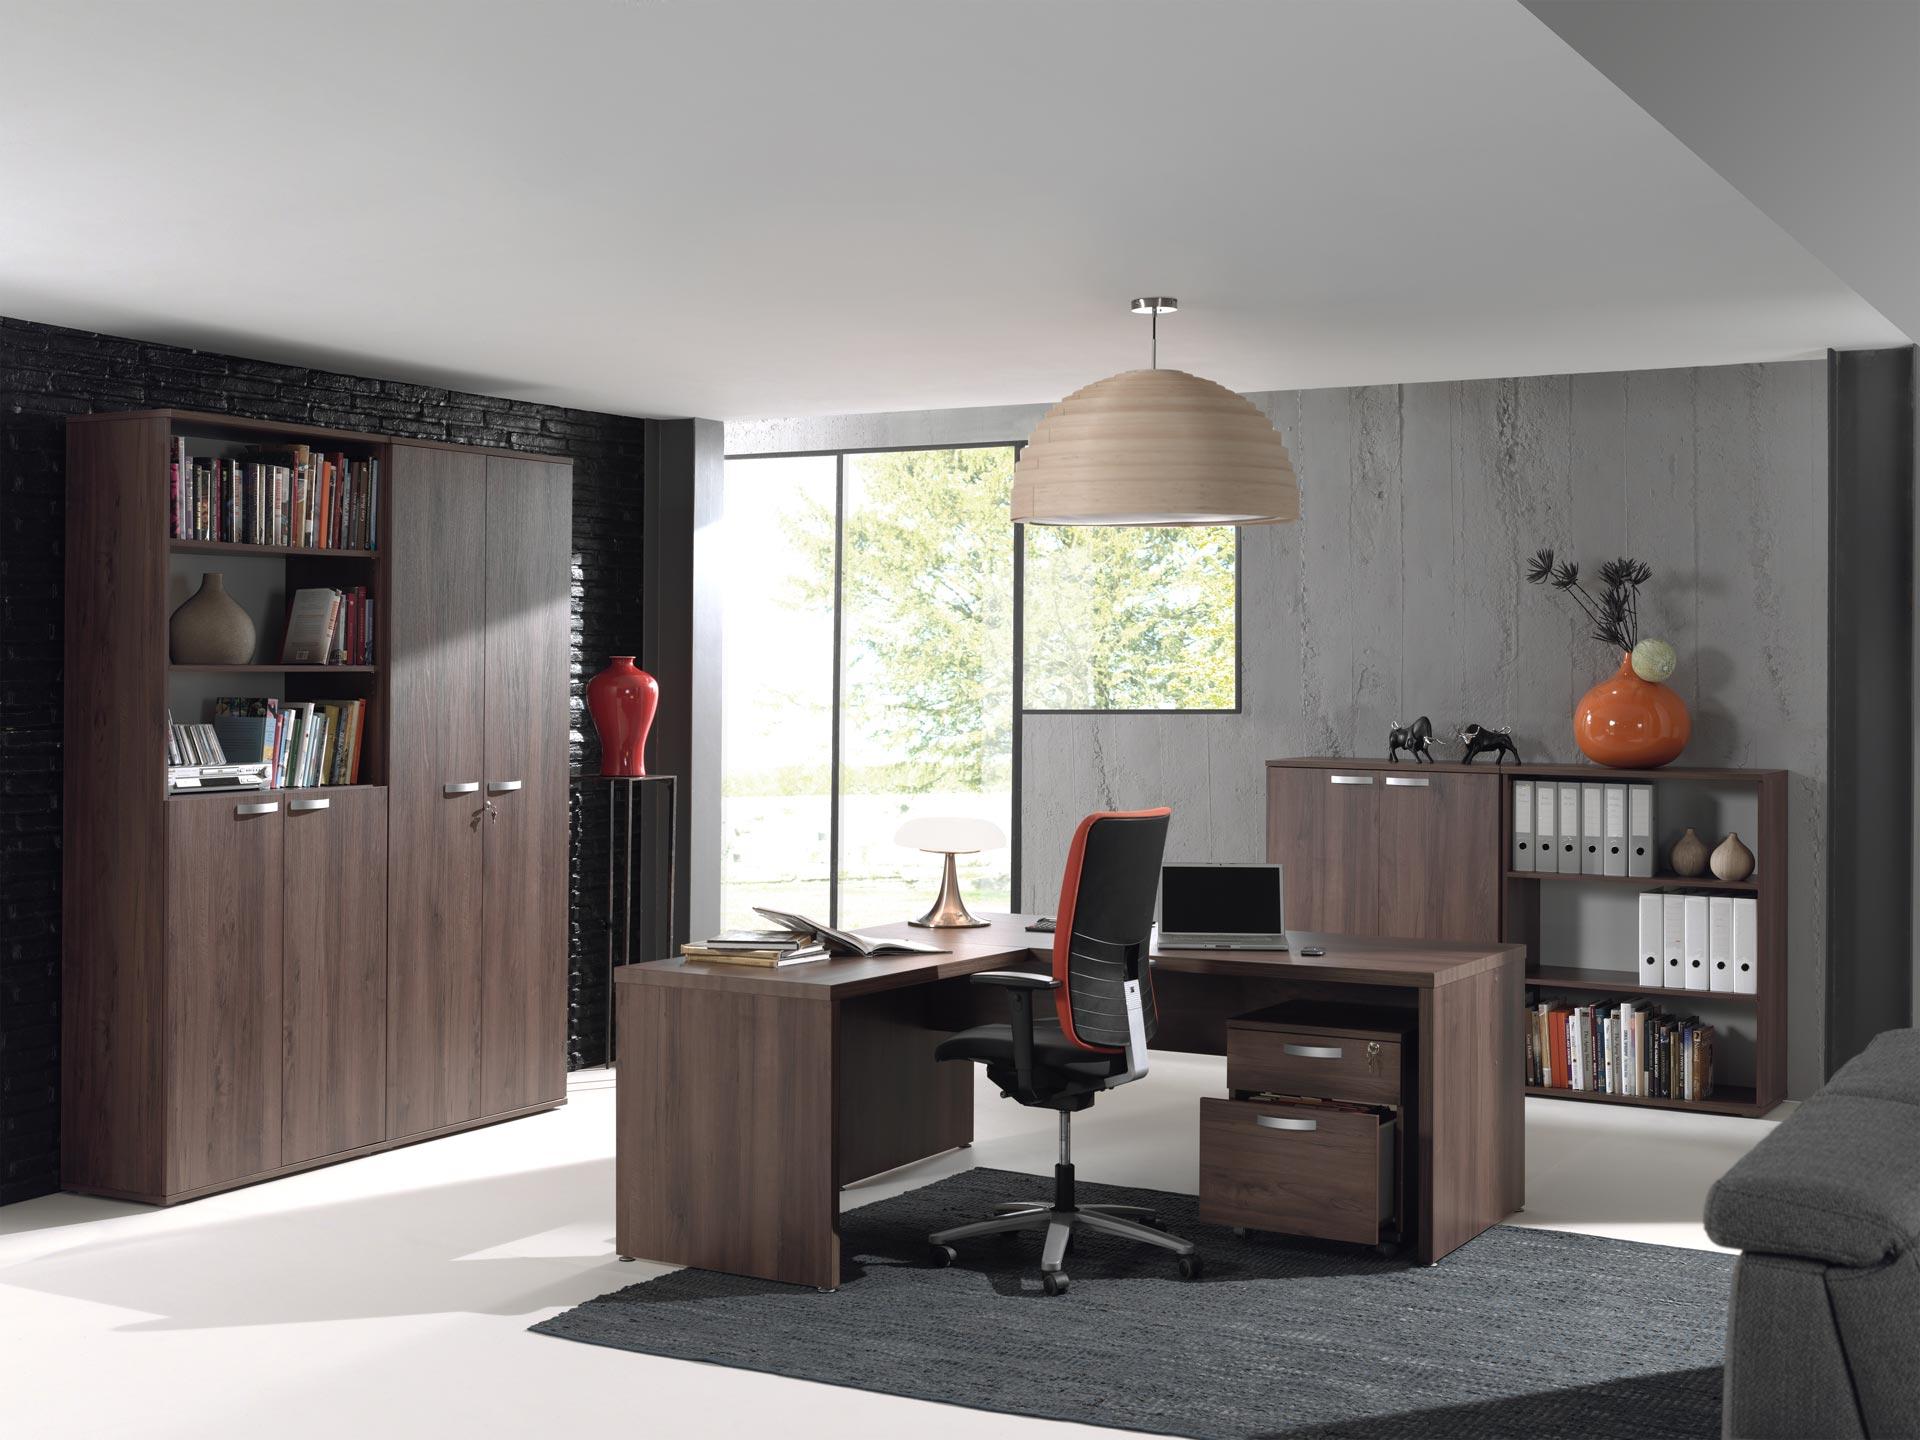 conseils et astuces pour bien choisir sa chaise de bureau blog matelpro. Black Bedroom Furniture Sets. Home Design Ideas